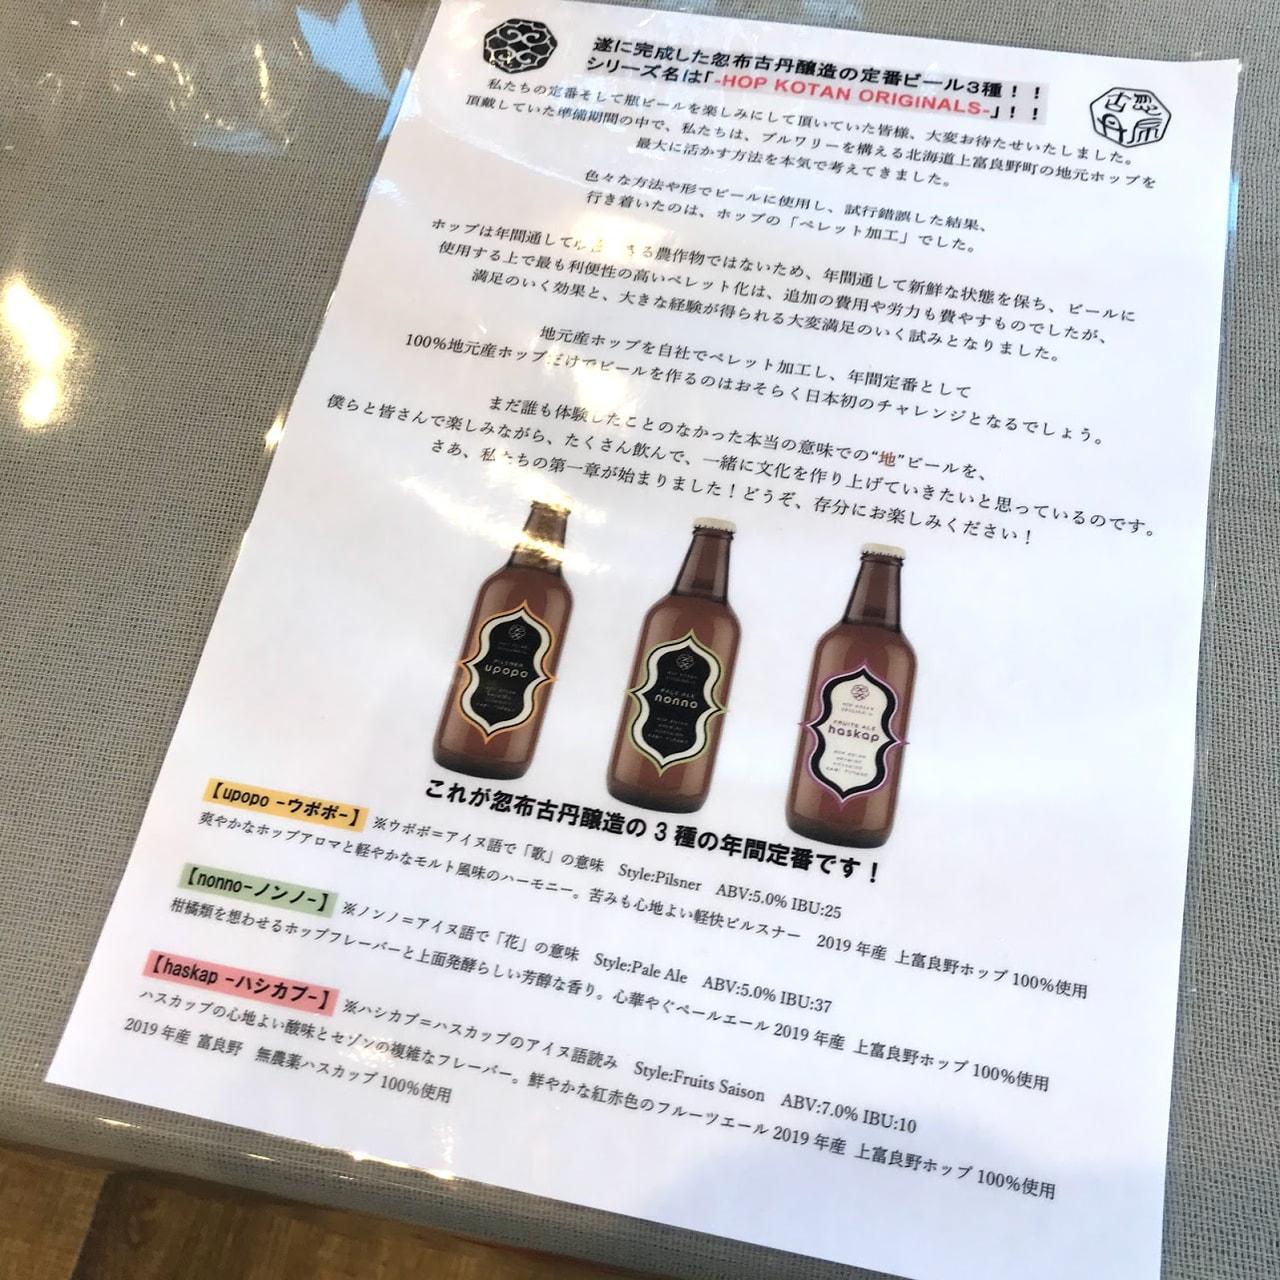 忽布古丹醸造5Tap3Days 本日最終日!